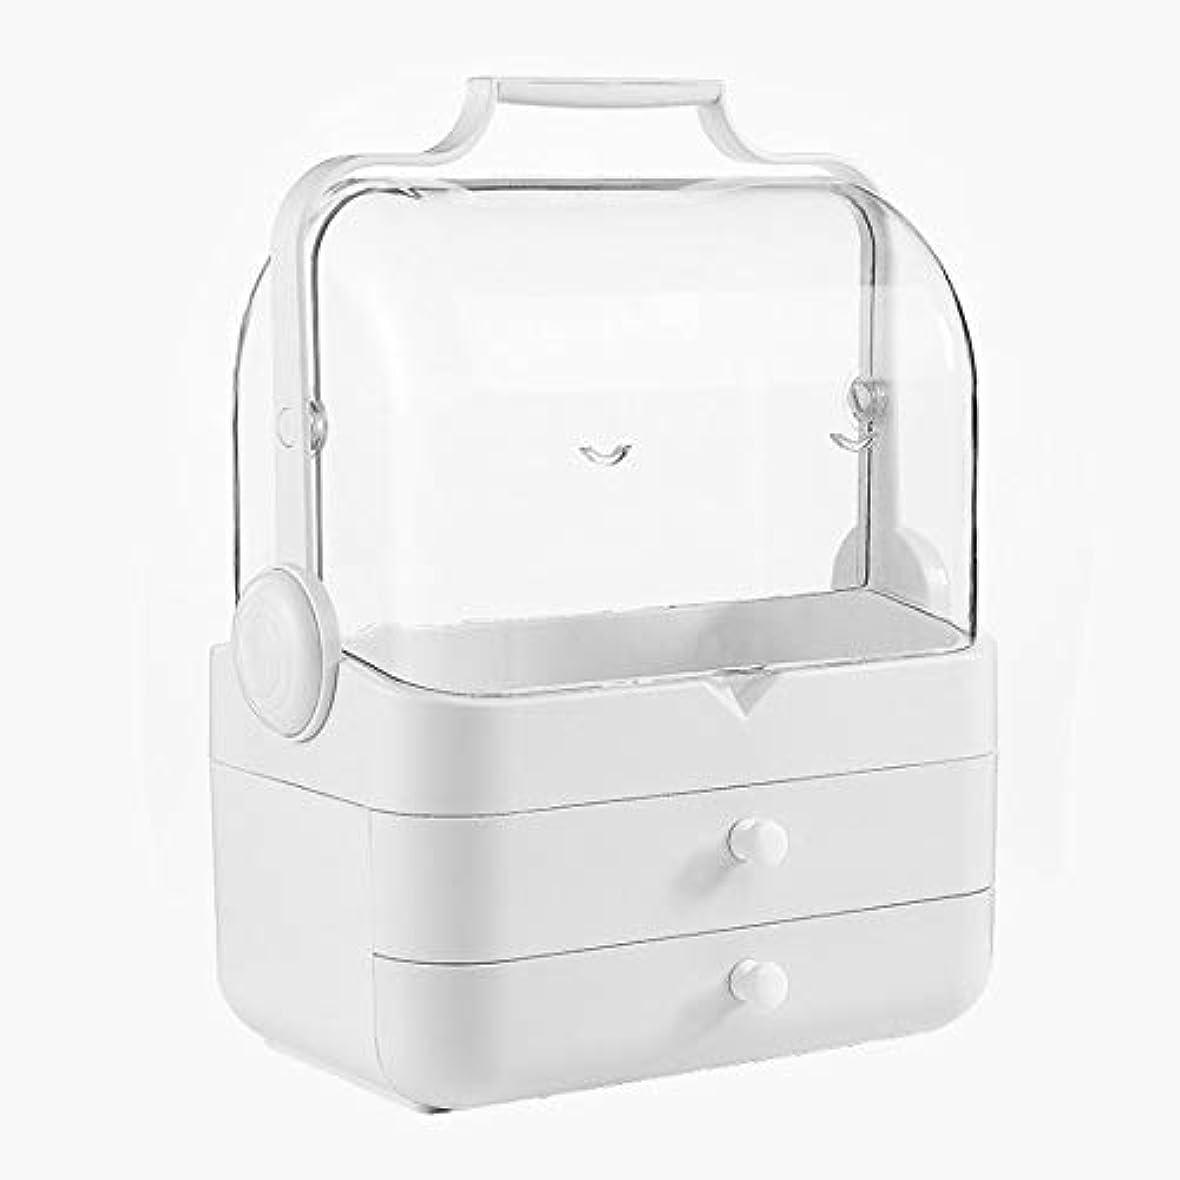 拮抗する孤独な空虚化粧箱、白い大容量フリップ防塵化粧品ケース、ポータブル旅行化粧品ケース、美容ネイルジュエリー収納ボックス